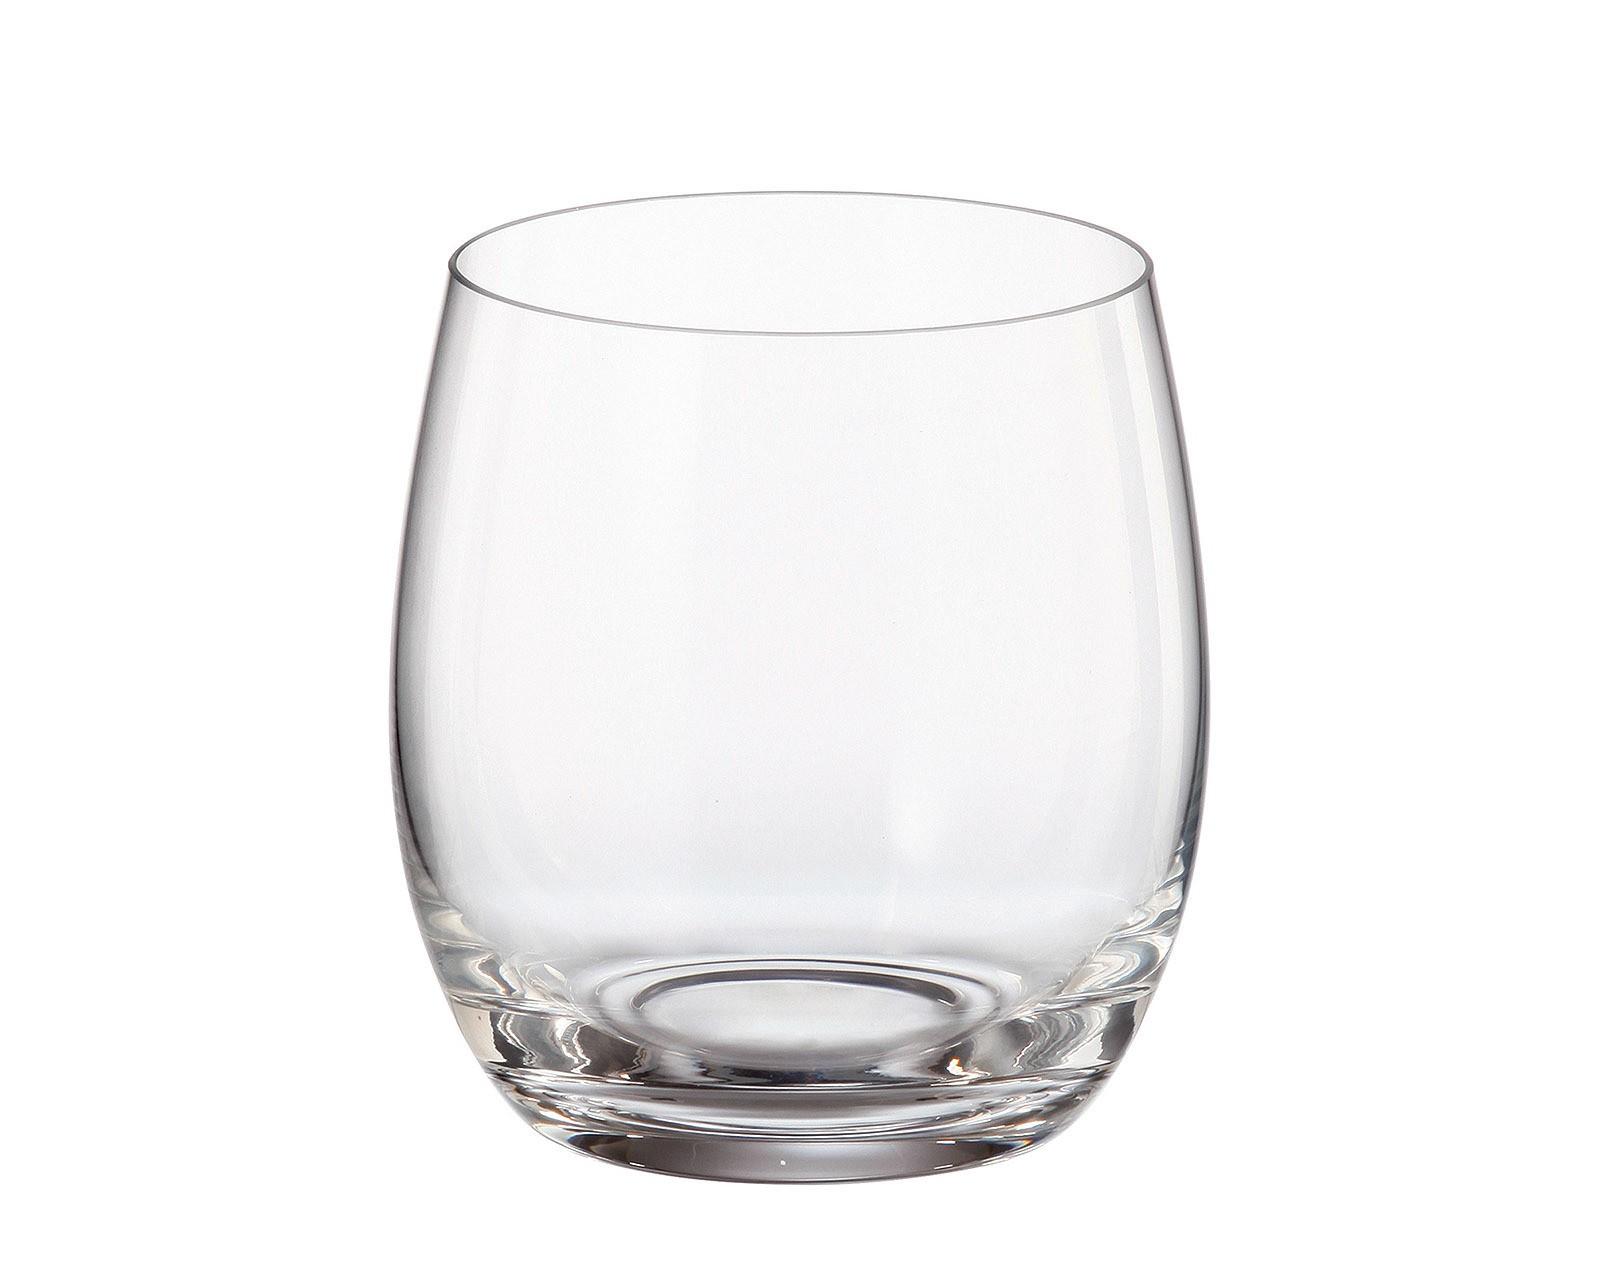 Ποτήρι Ουίσκι Mergus Σετ 6Τμχ Κρυστάλλινο 410ml Bohemia home   ειδη σερβιρισματος   ποτήρια